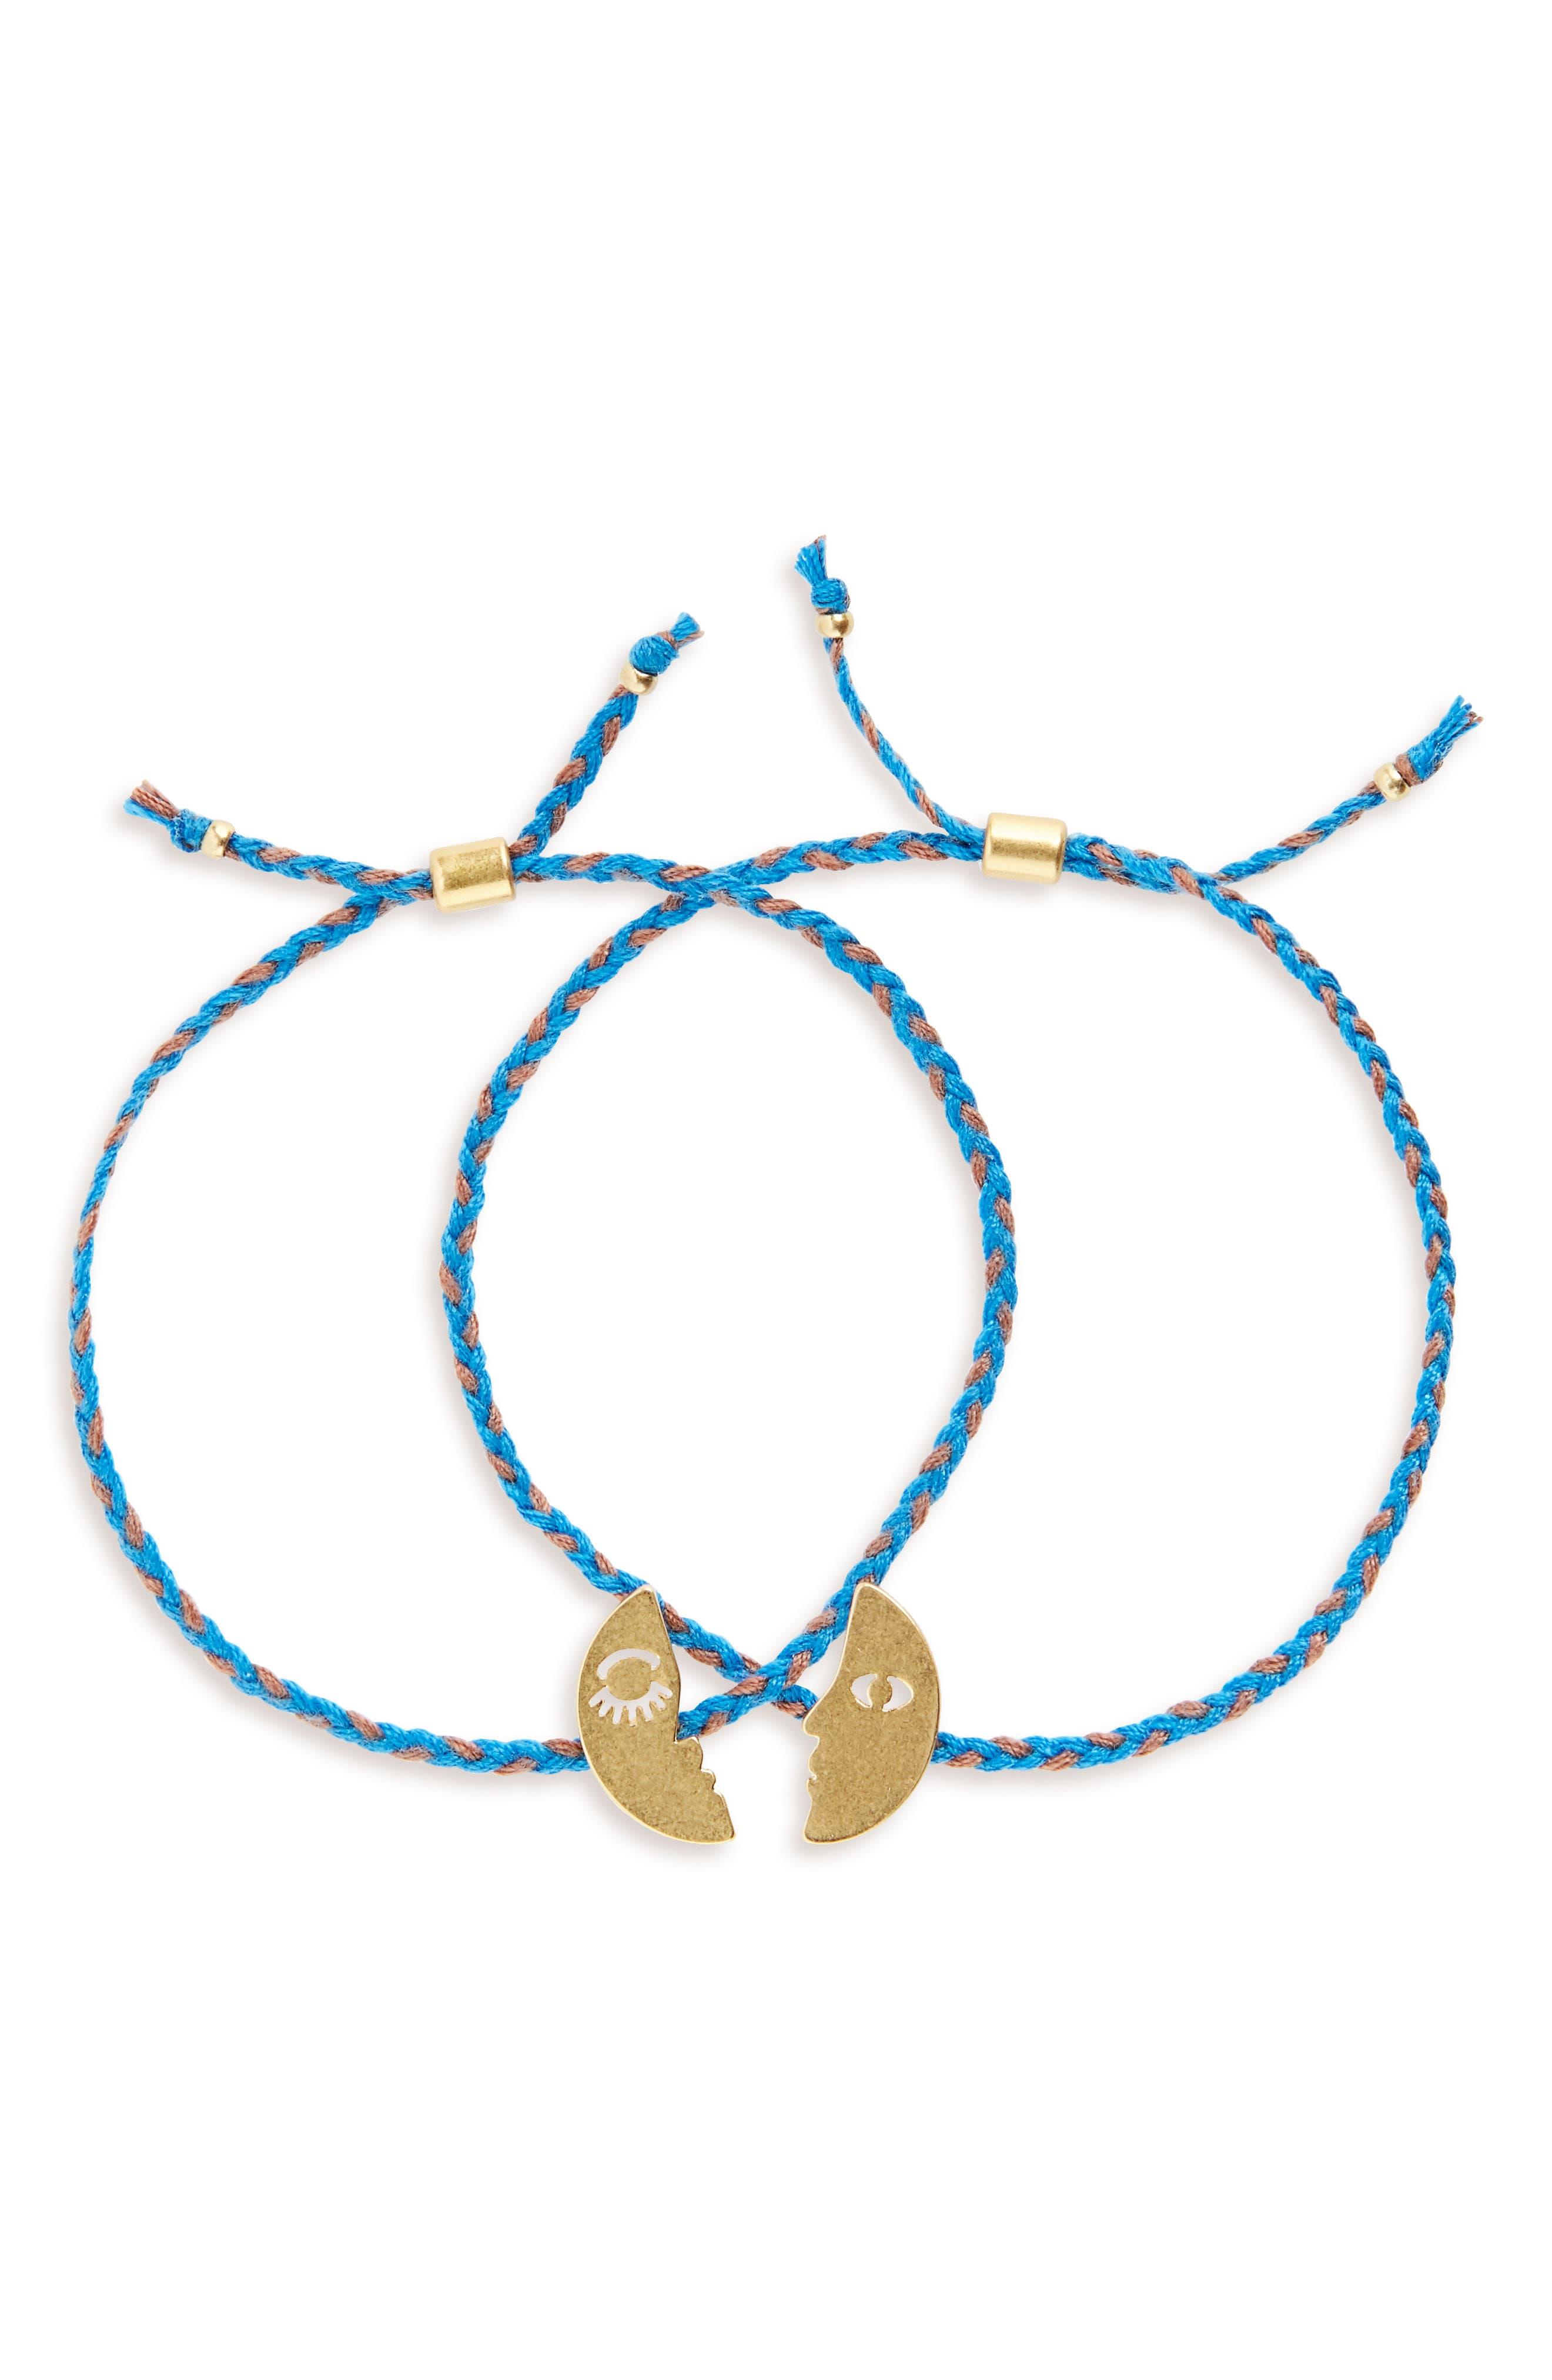 2-Pack Friendship Bracelet,                         Main,                         color, Faces Set